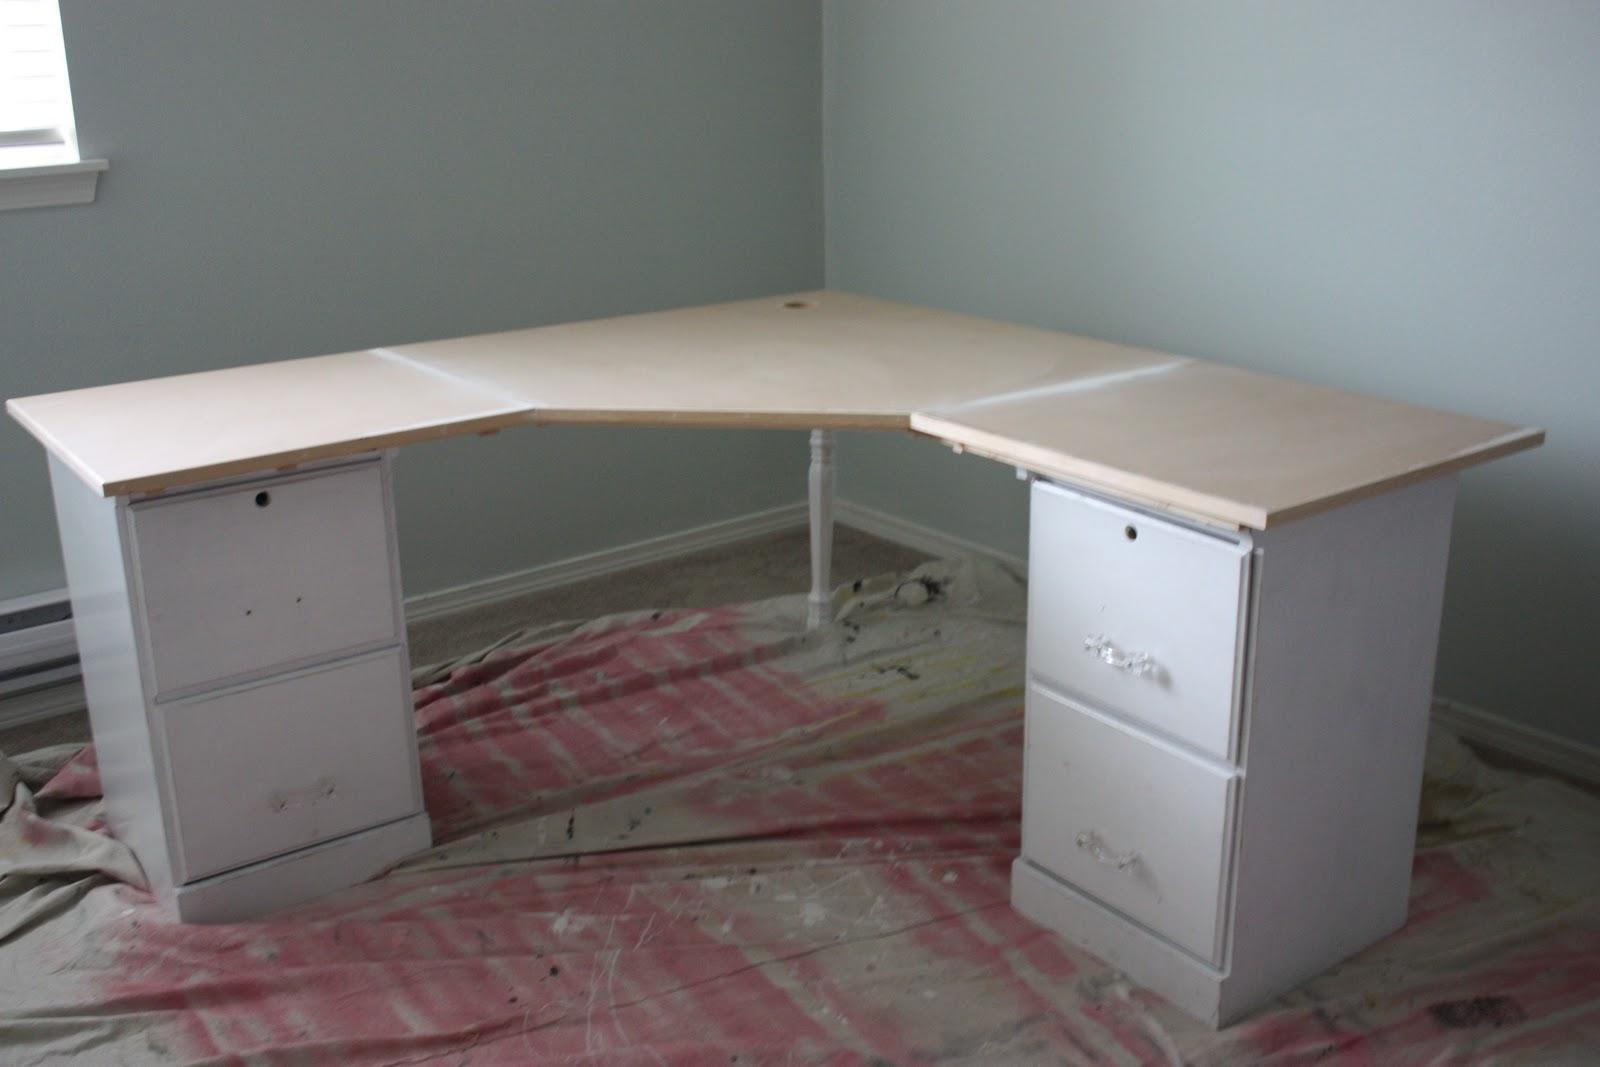 Shed Plans Free 12x16: Diy Corner Computer Desk Plans ...